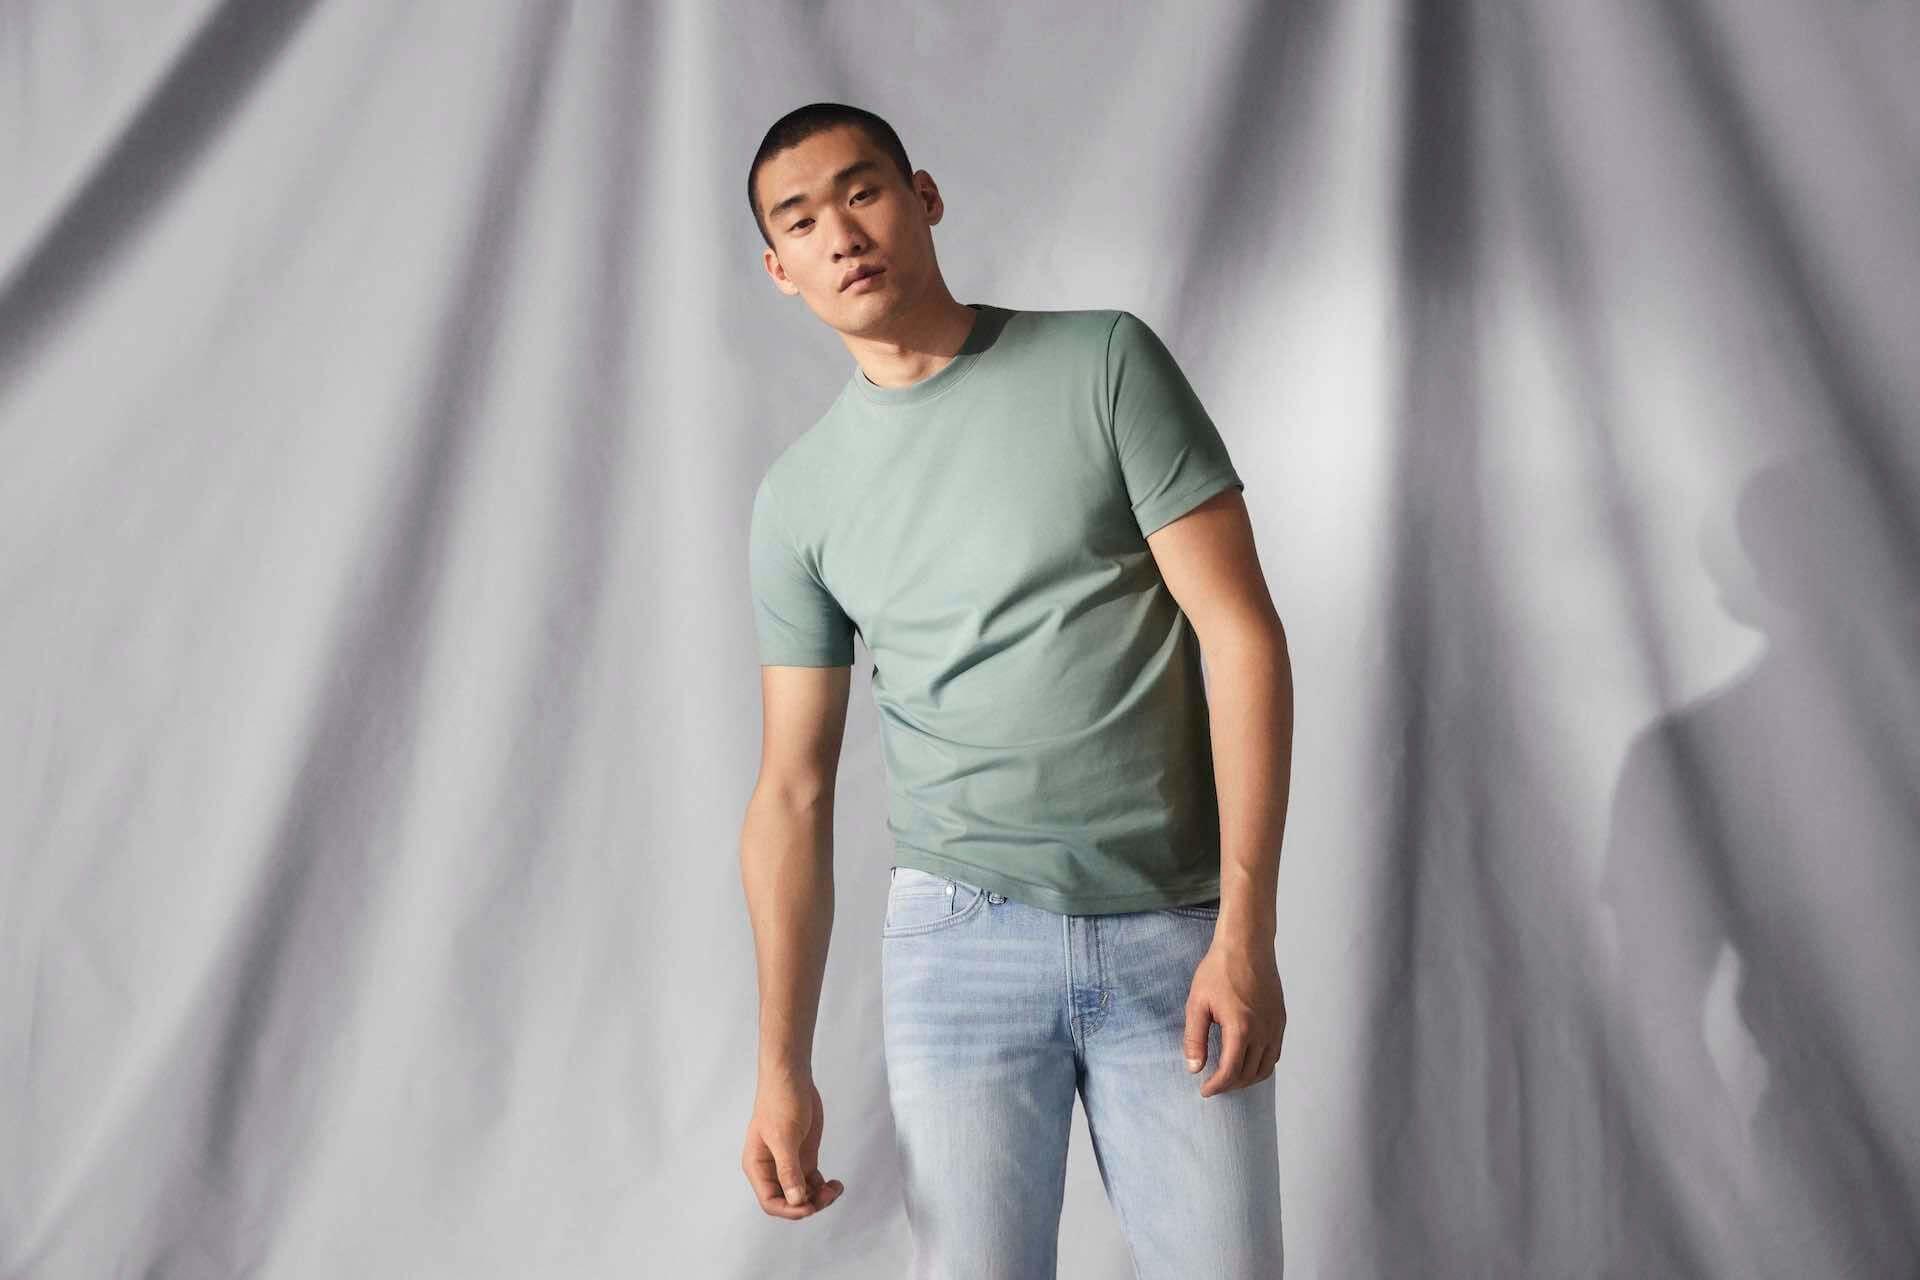 H&Mメンズから、新ファブリック・COOLMAX®︎搭載の最新夏コレクションが登場!暑さ対策に最適なTシャツなど全35型 lf200617_hm_men_20-1920x1280